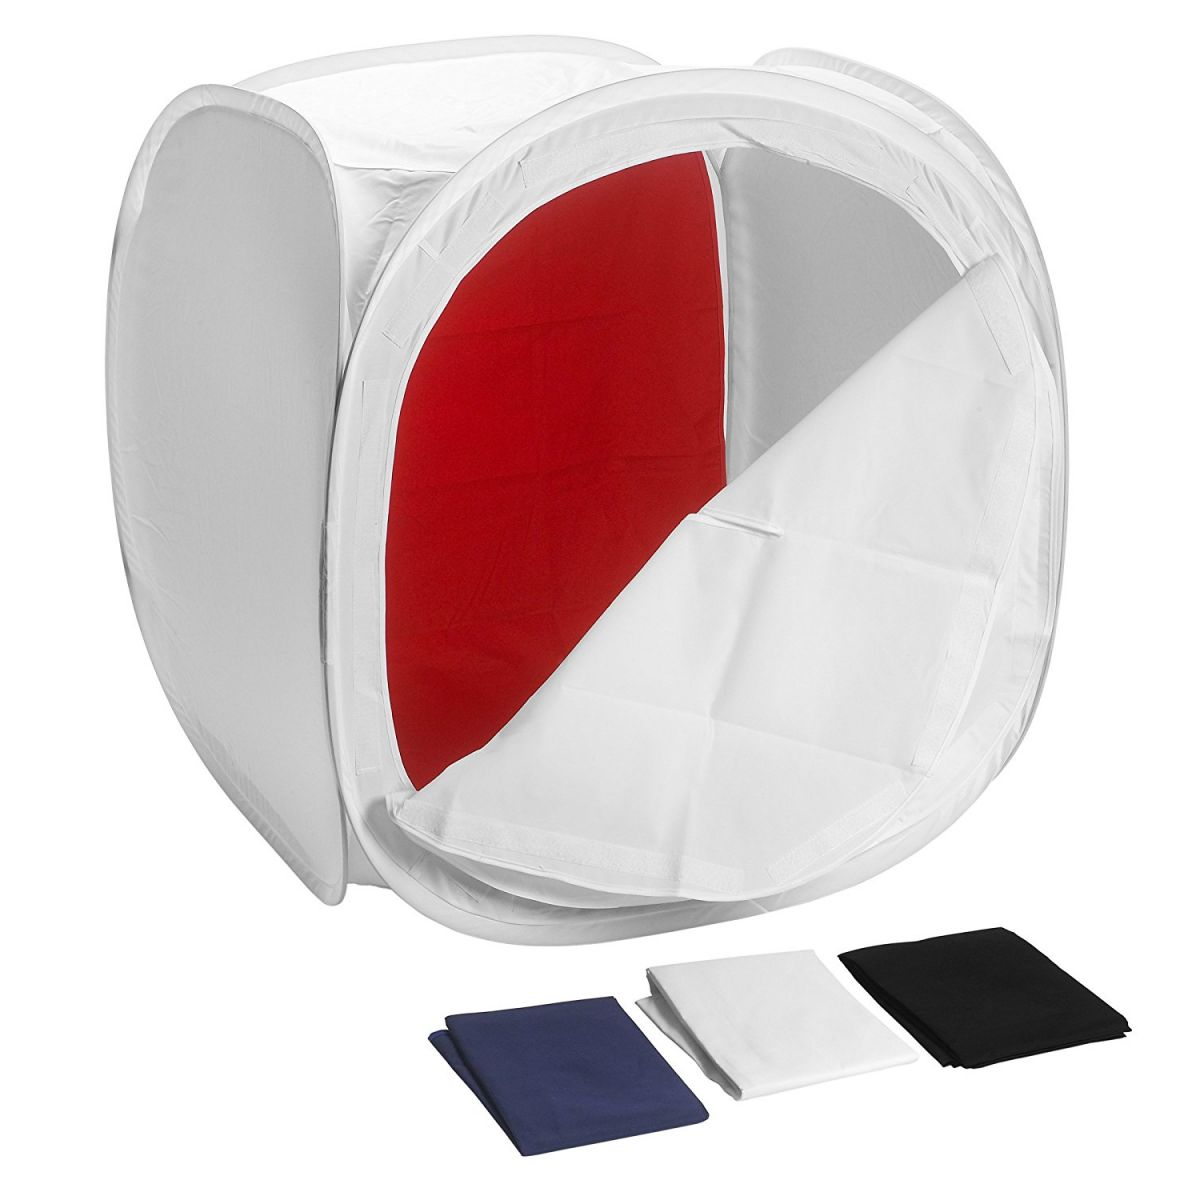 Tenda Difusora Flexível Mini Estúdio Fotográfico Barraca Portátil Escolha entre Diversos Tamanhos